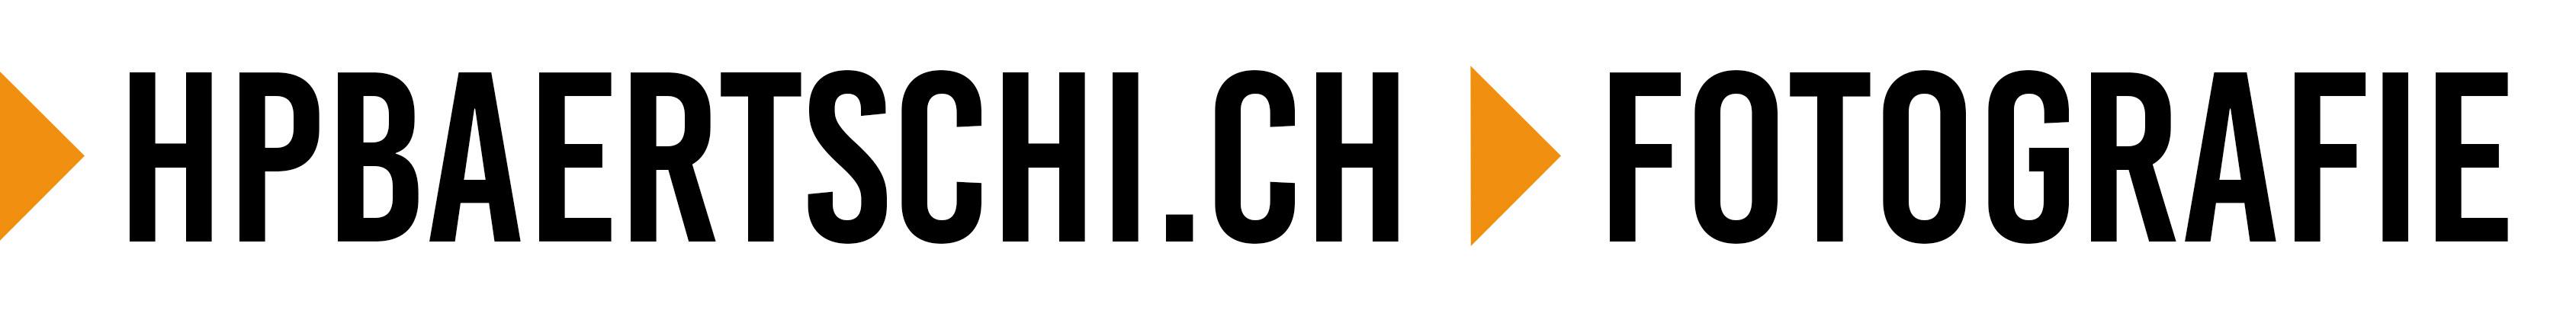 Hanspeter Bärtschi